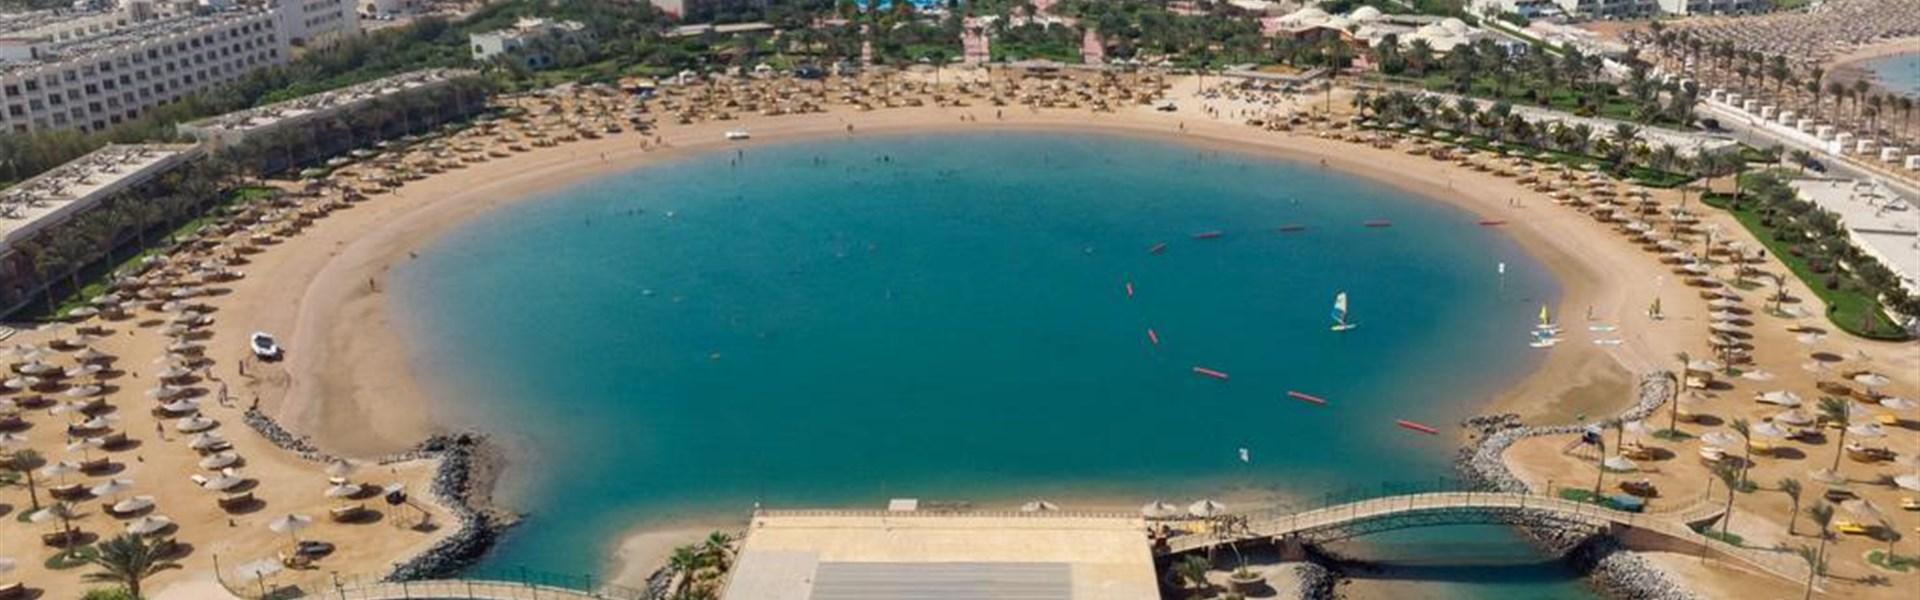 Desert Rose Hurgada Resort 4* -